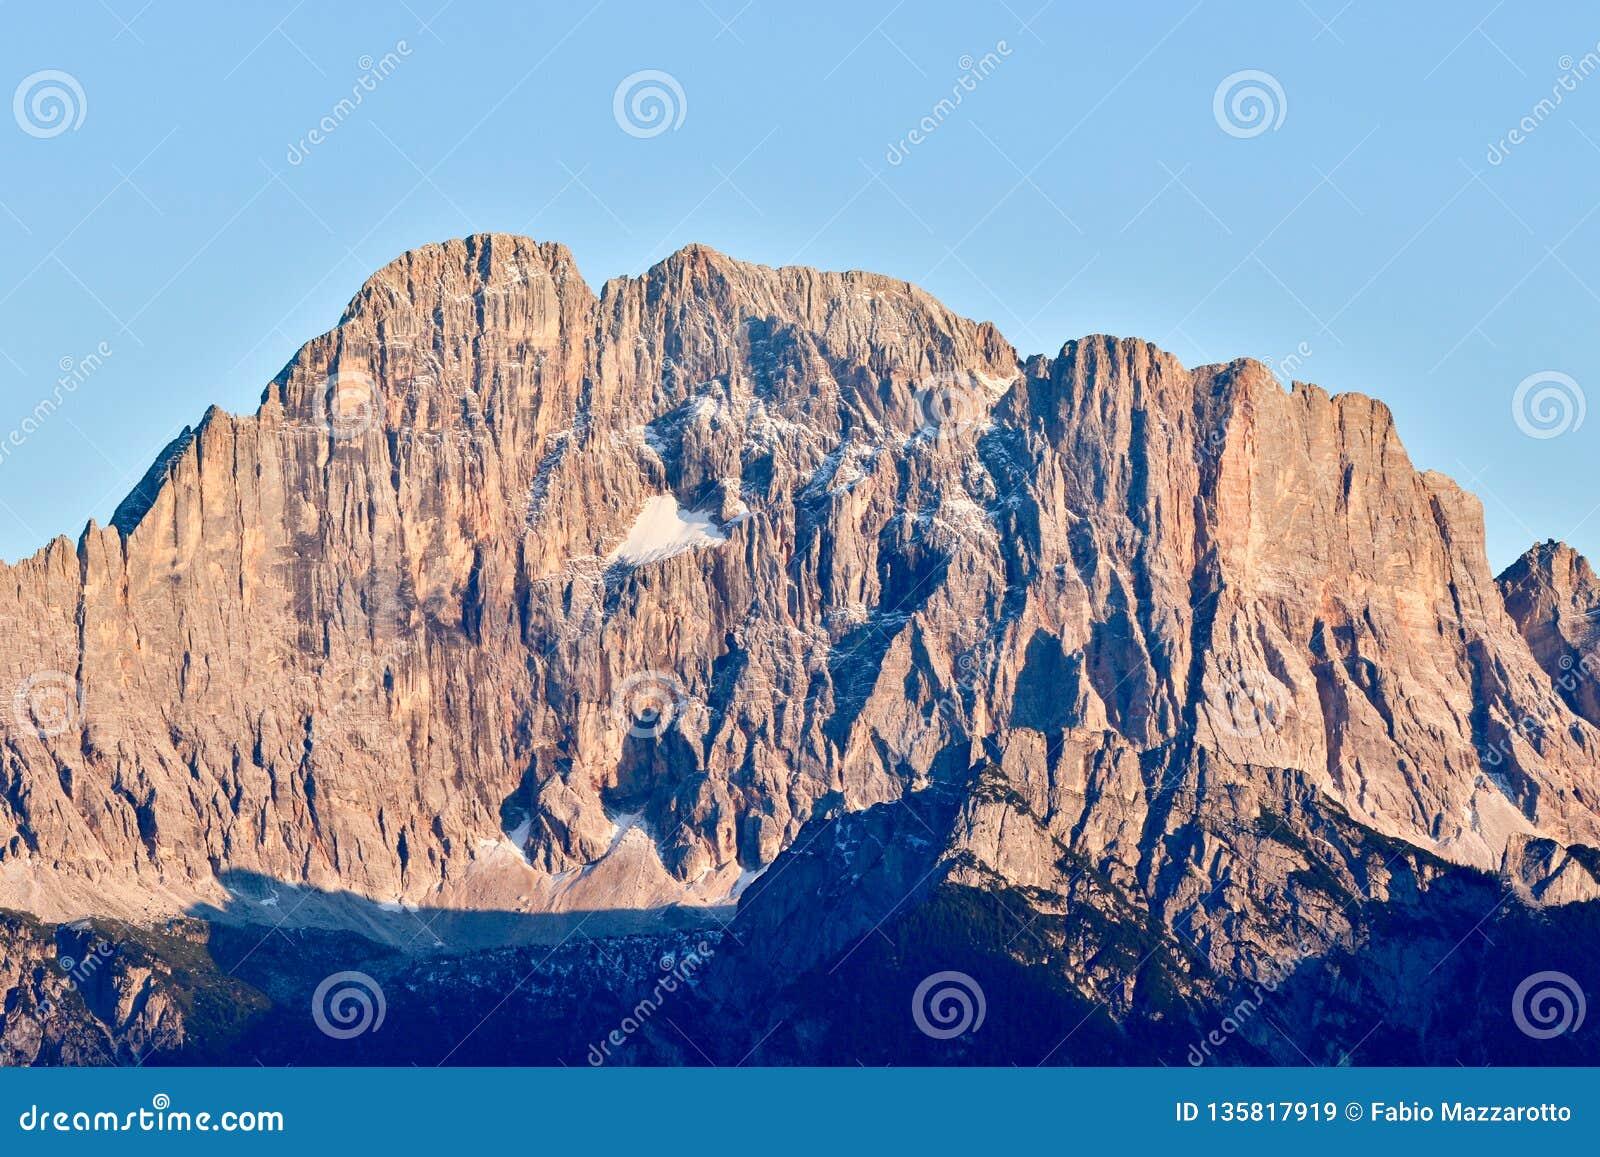 是白云岩的一部分Monte Civetta山的正面图,欧洲阿尔卑斯